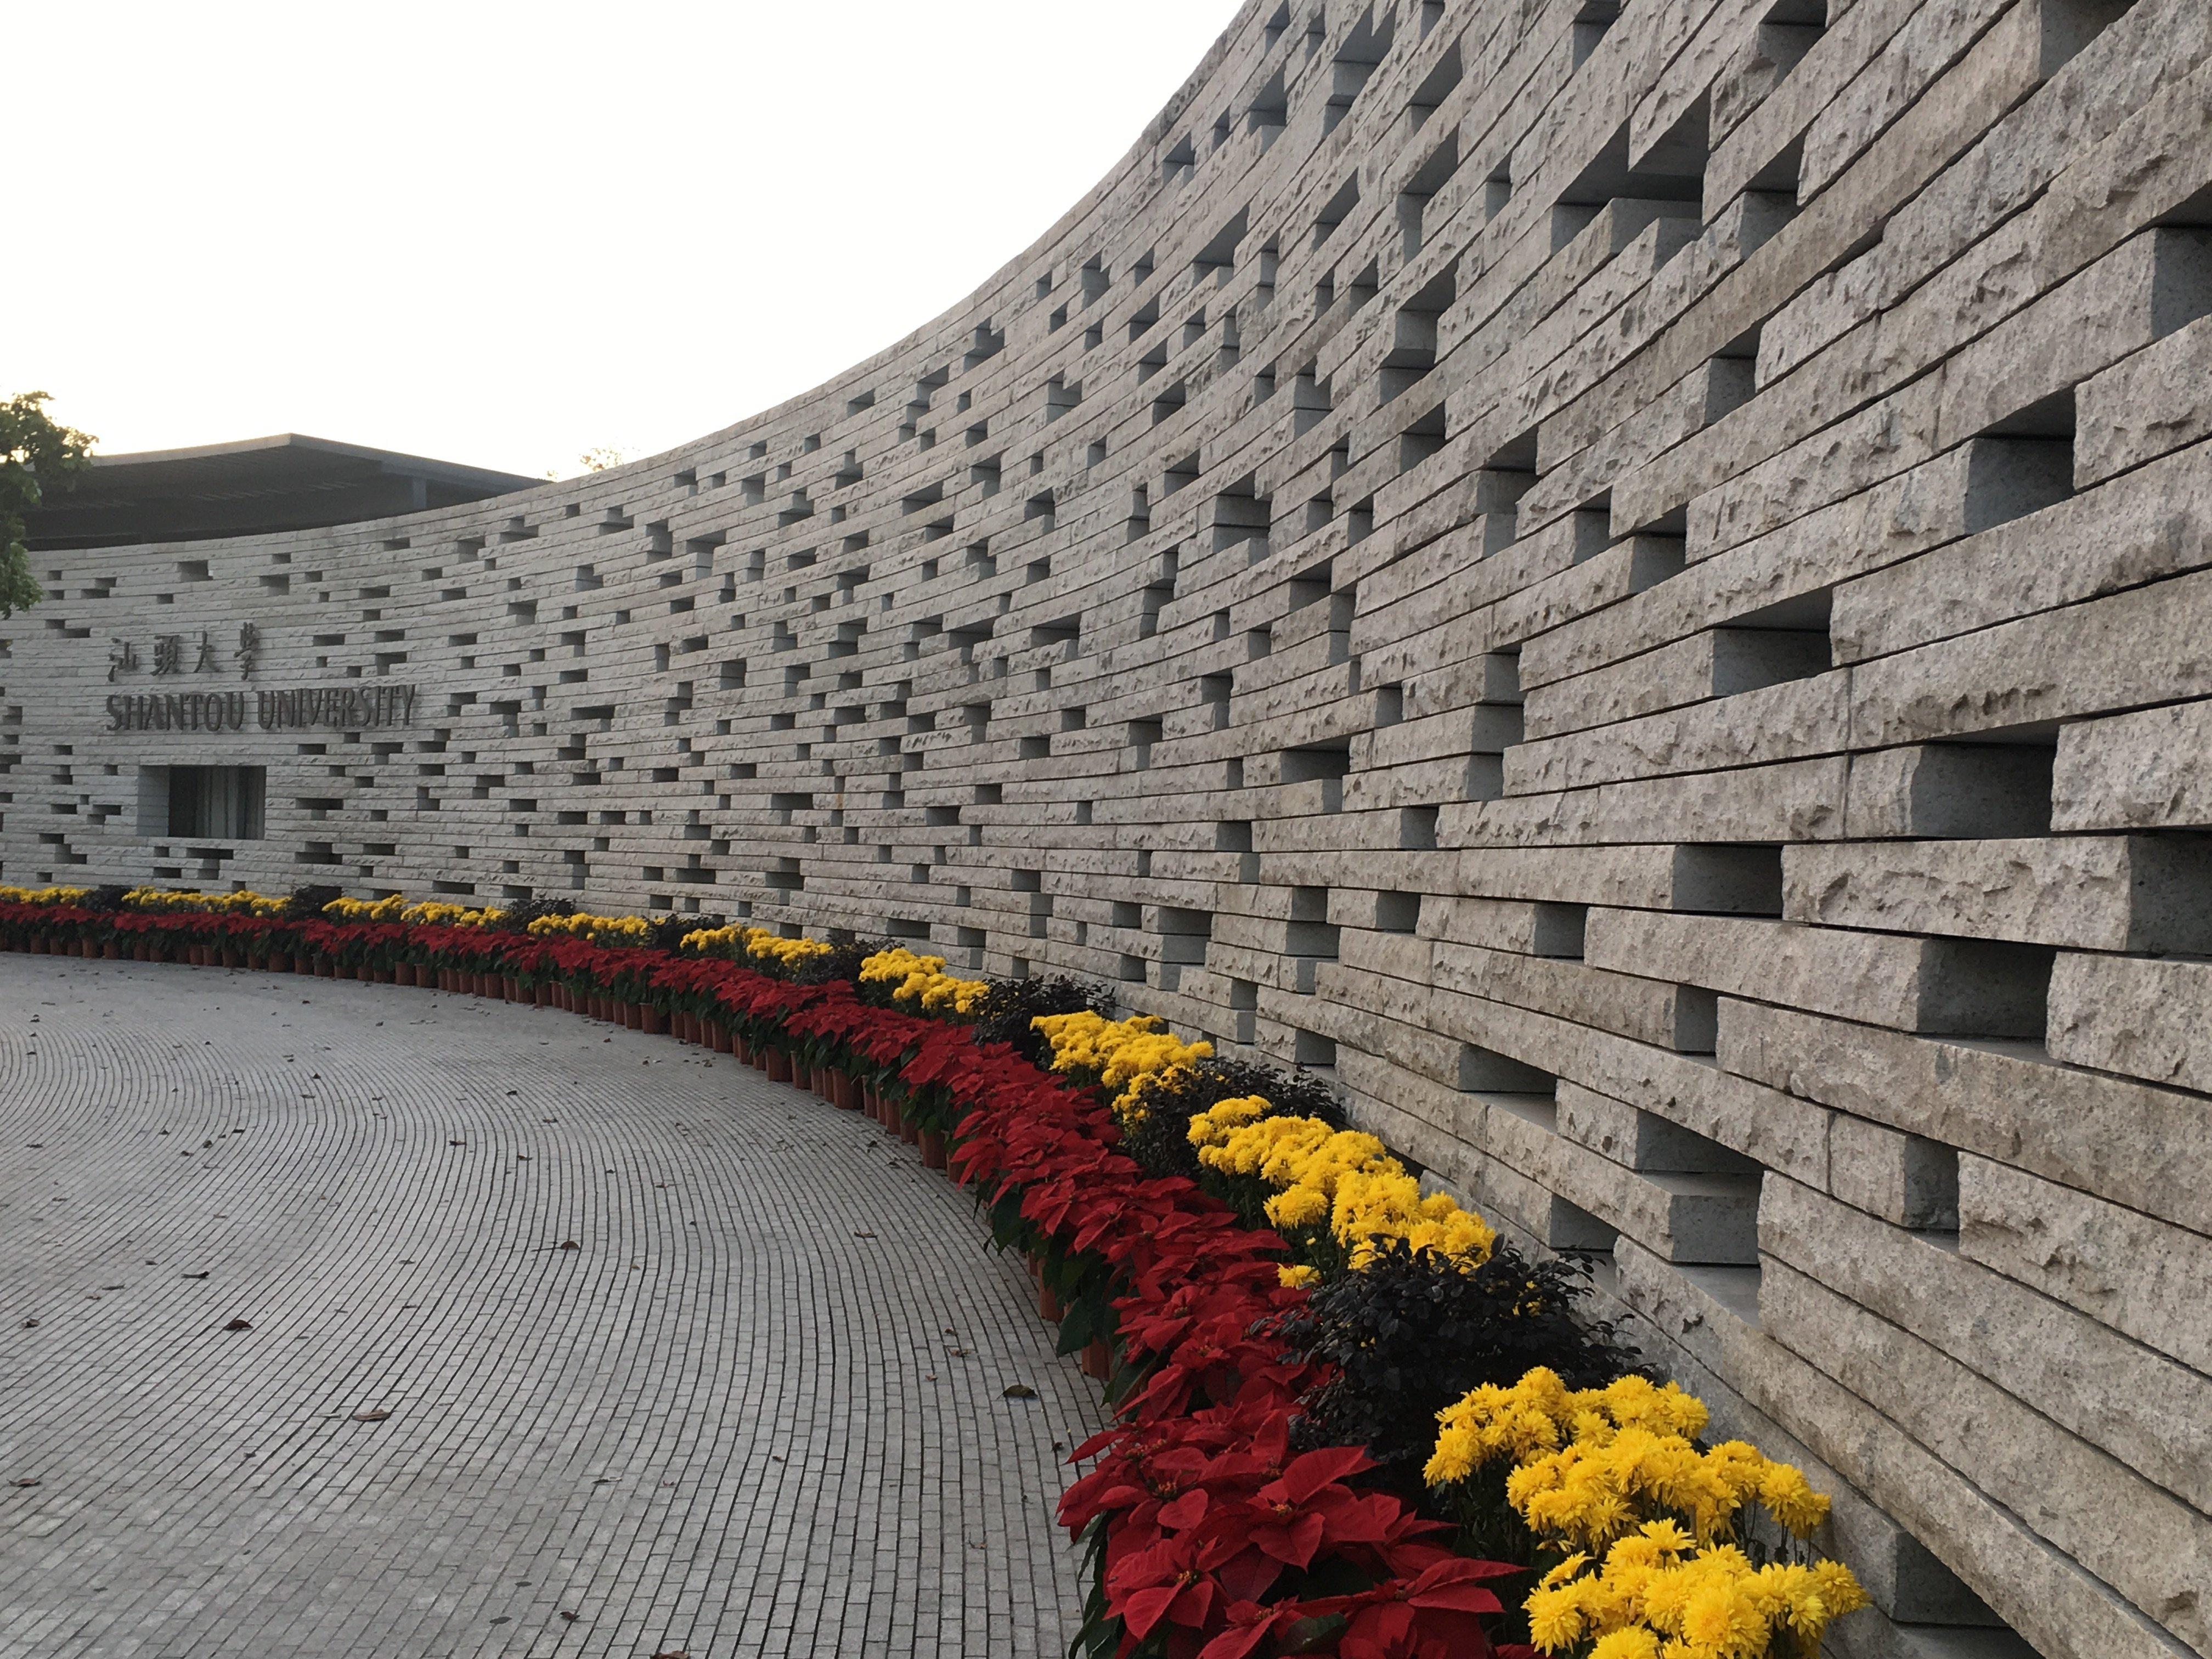 汕头大学,著名的大小人雕塑.ae-1 fuji100 诺日士冲扫 汕头大学内水库